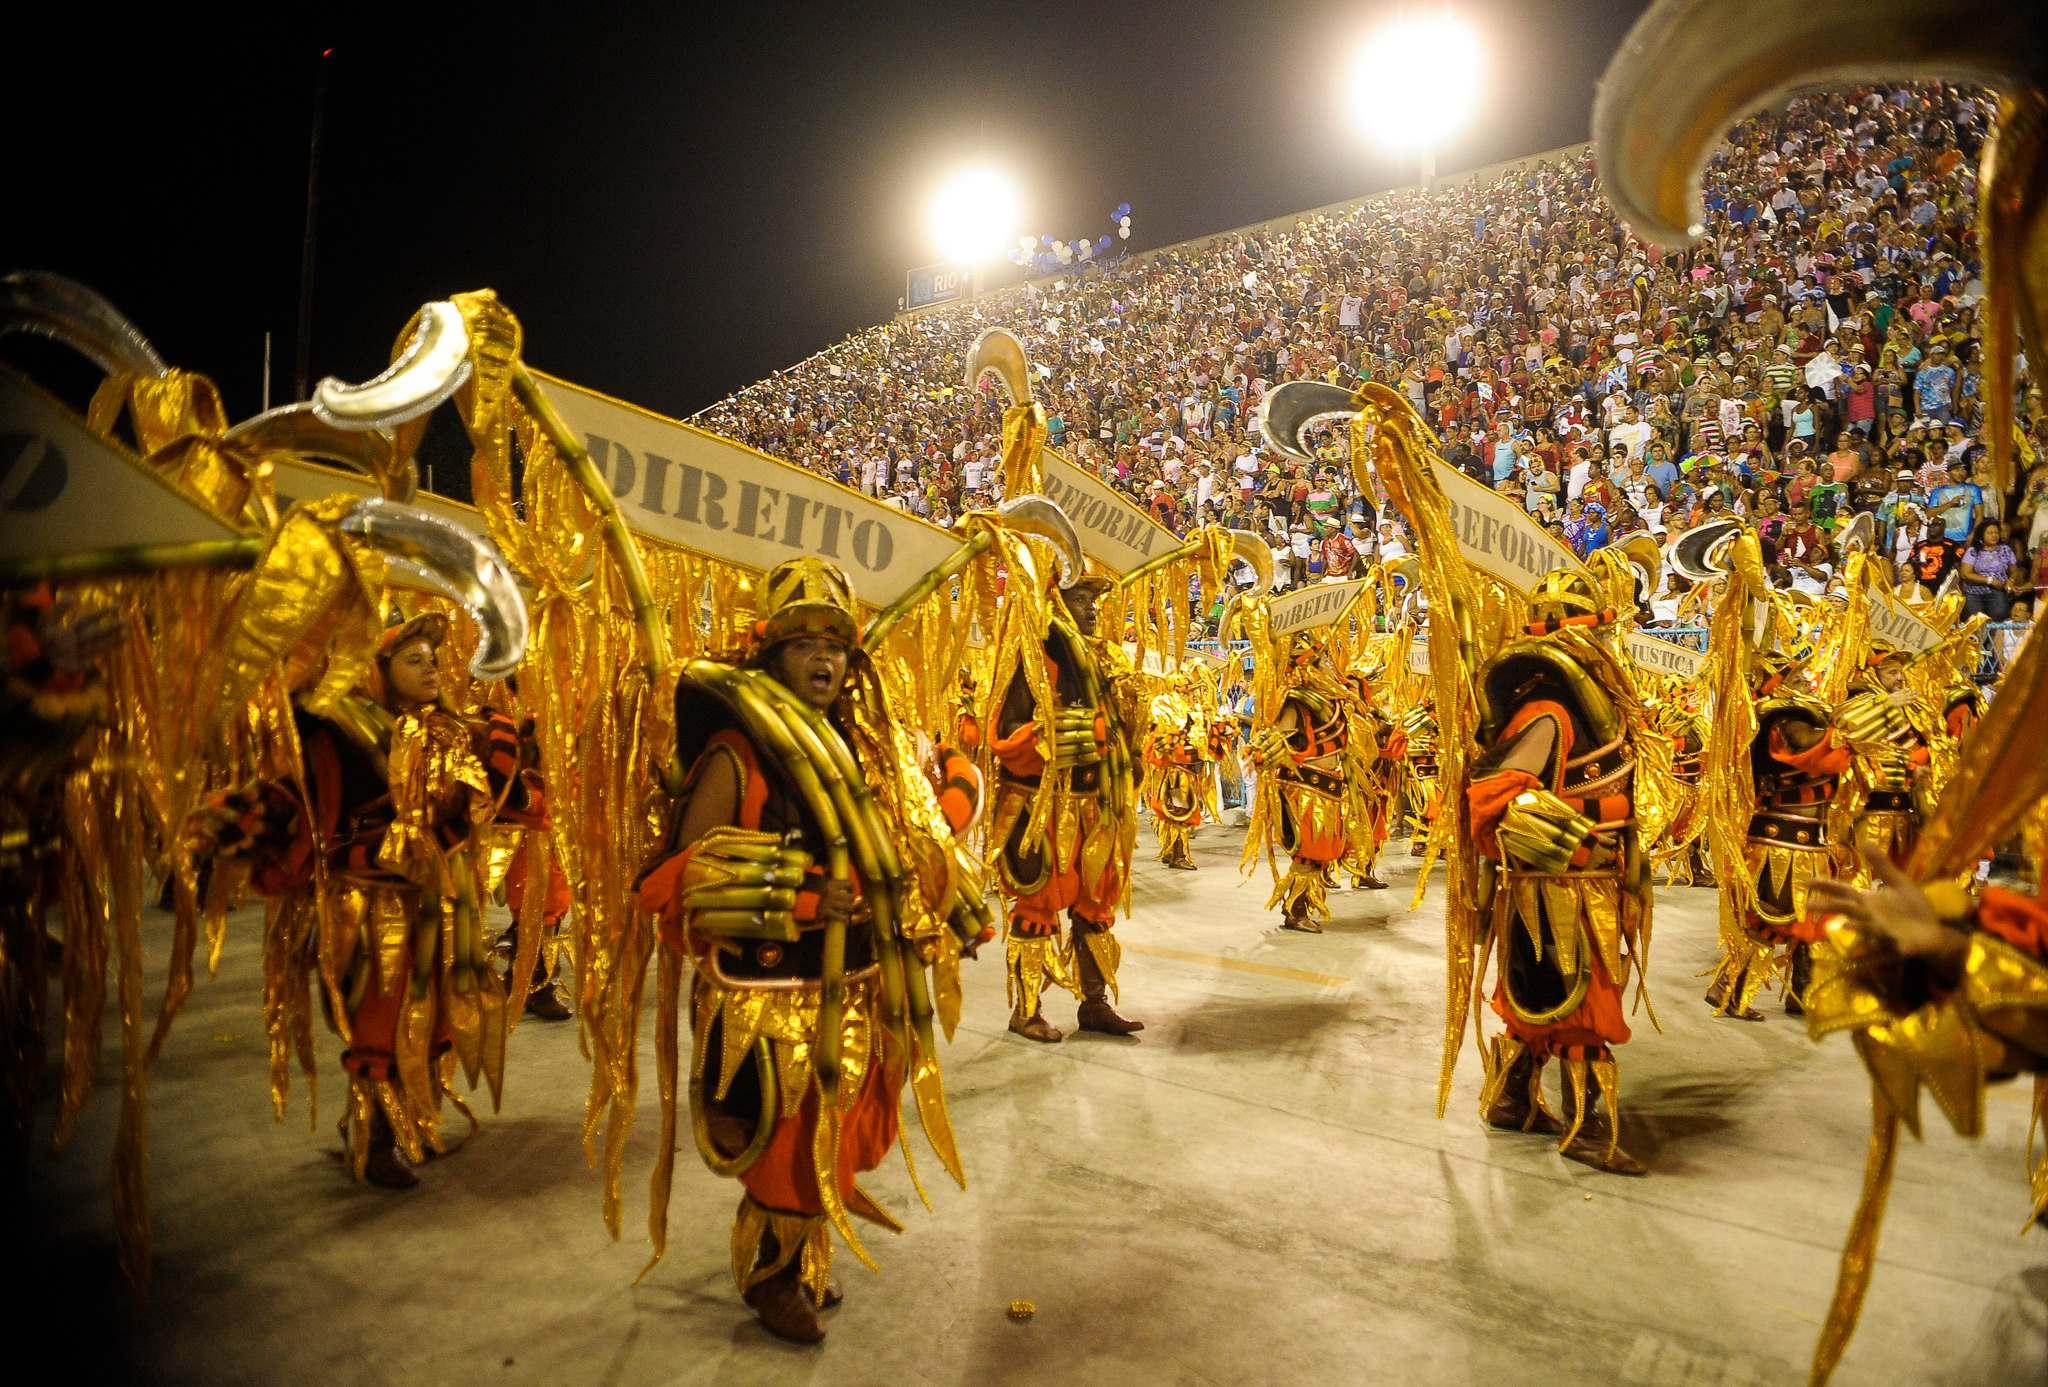 rio de janeiro 20166 Vila Isabel at Carnival in Rio de Janeiro